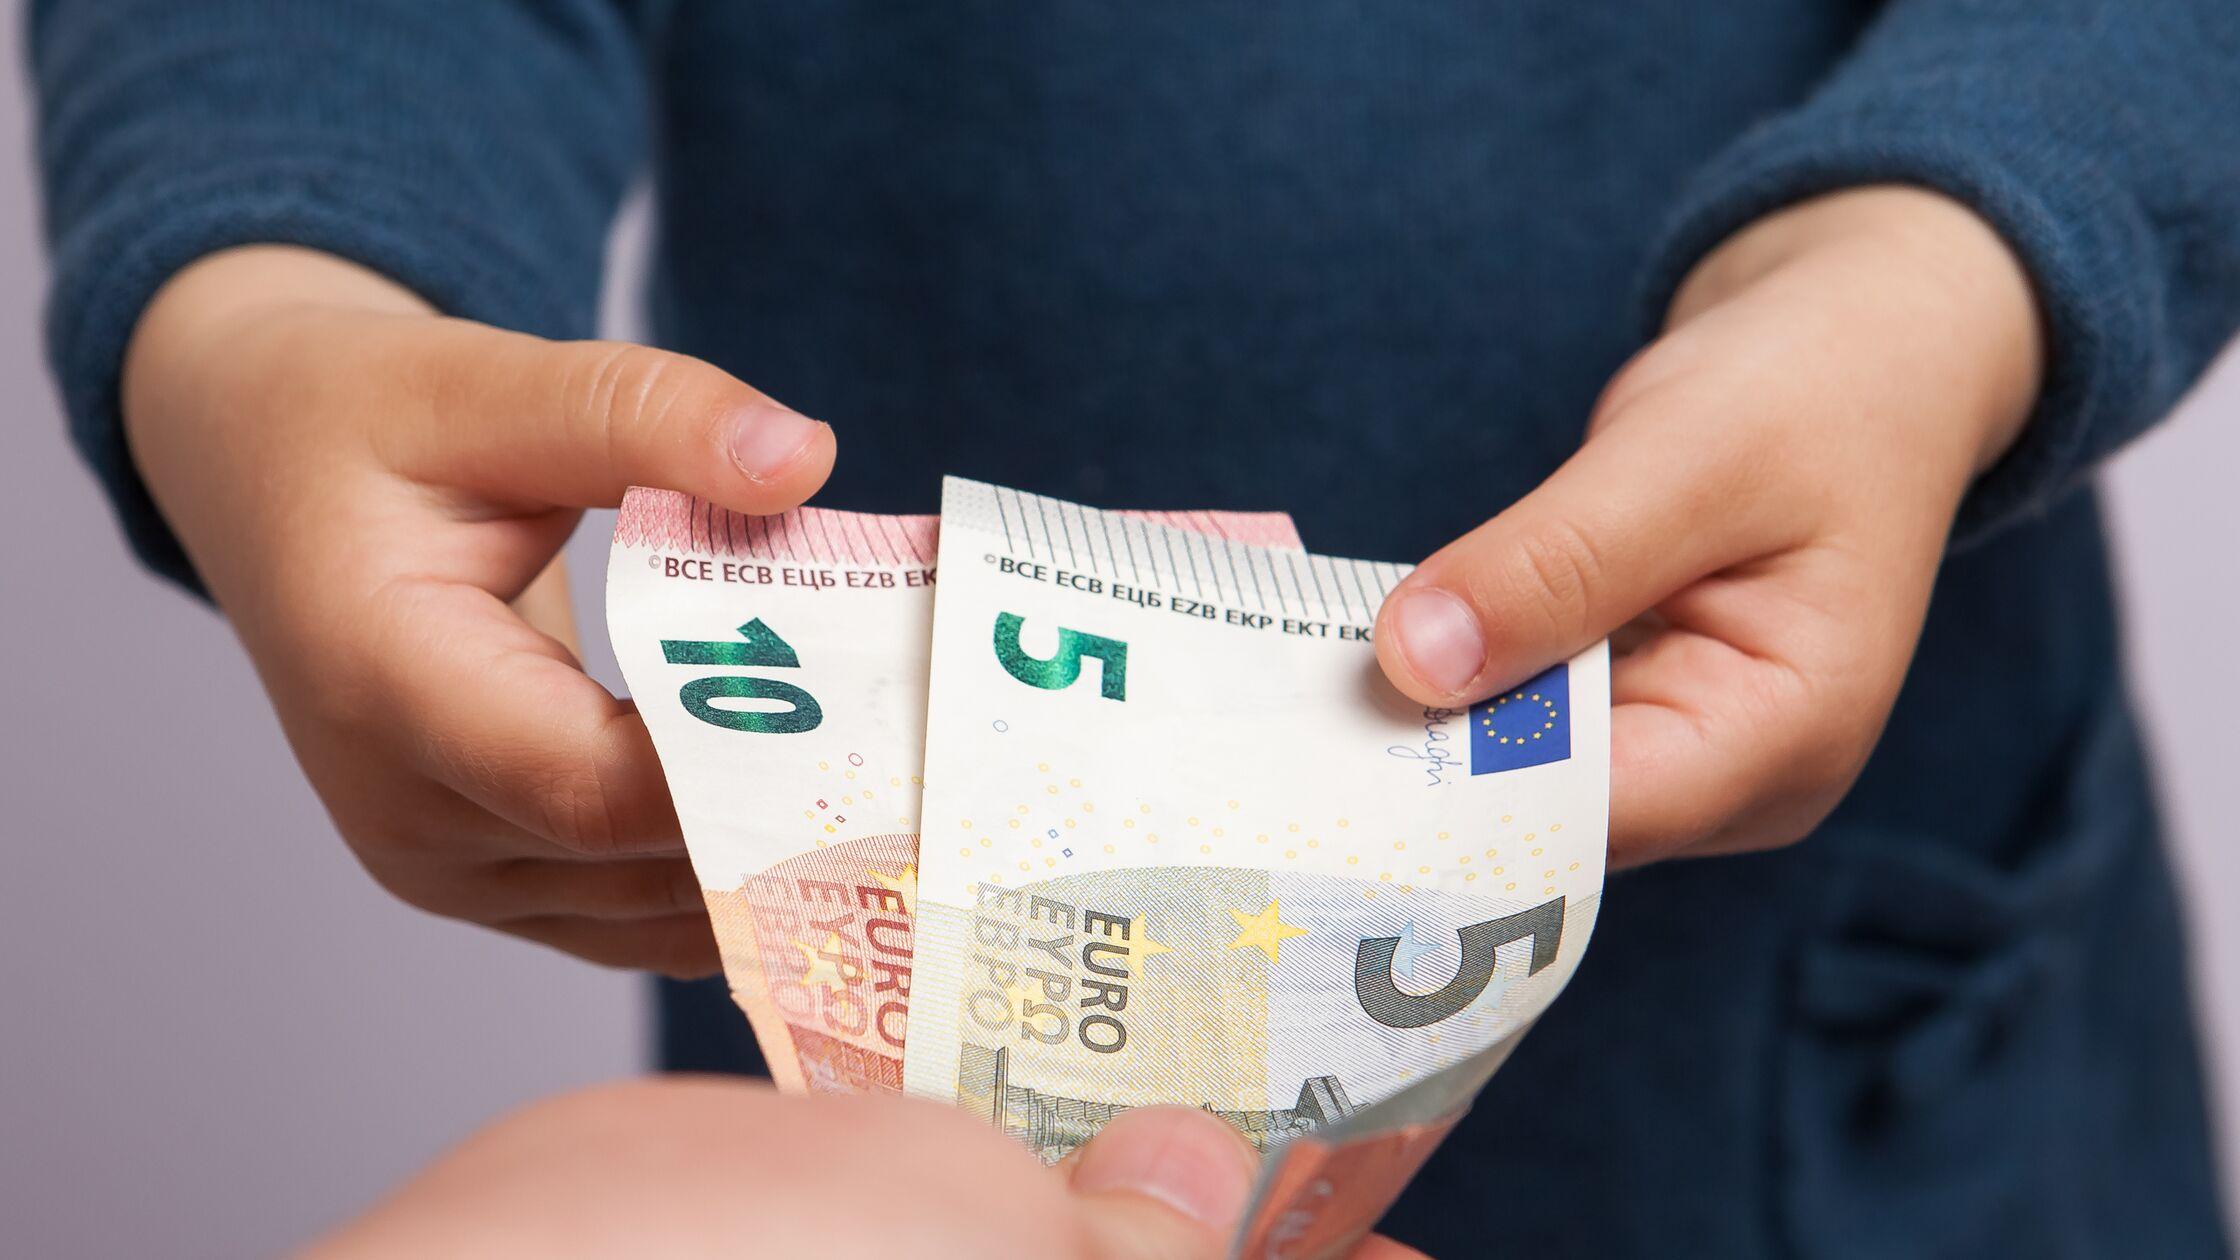 Kinderhände greifen nach Geldscheinen, die eine Hand hinhält.